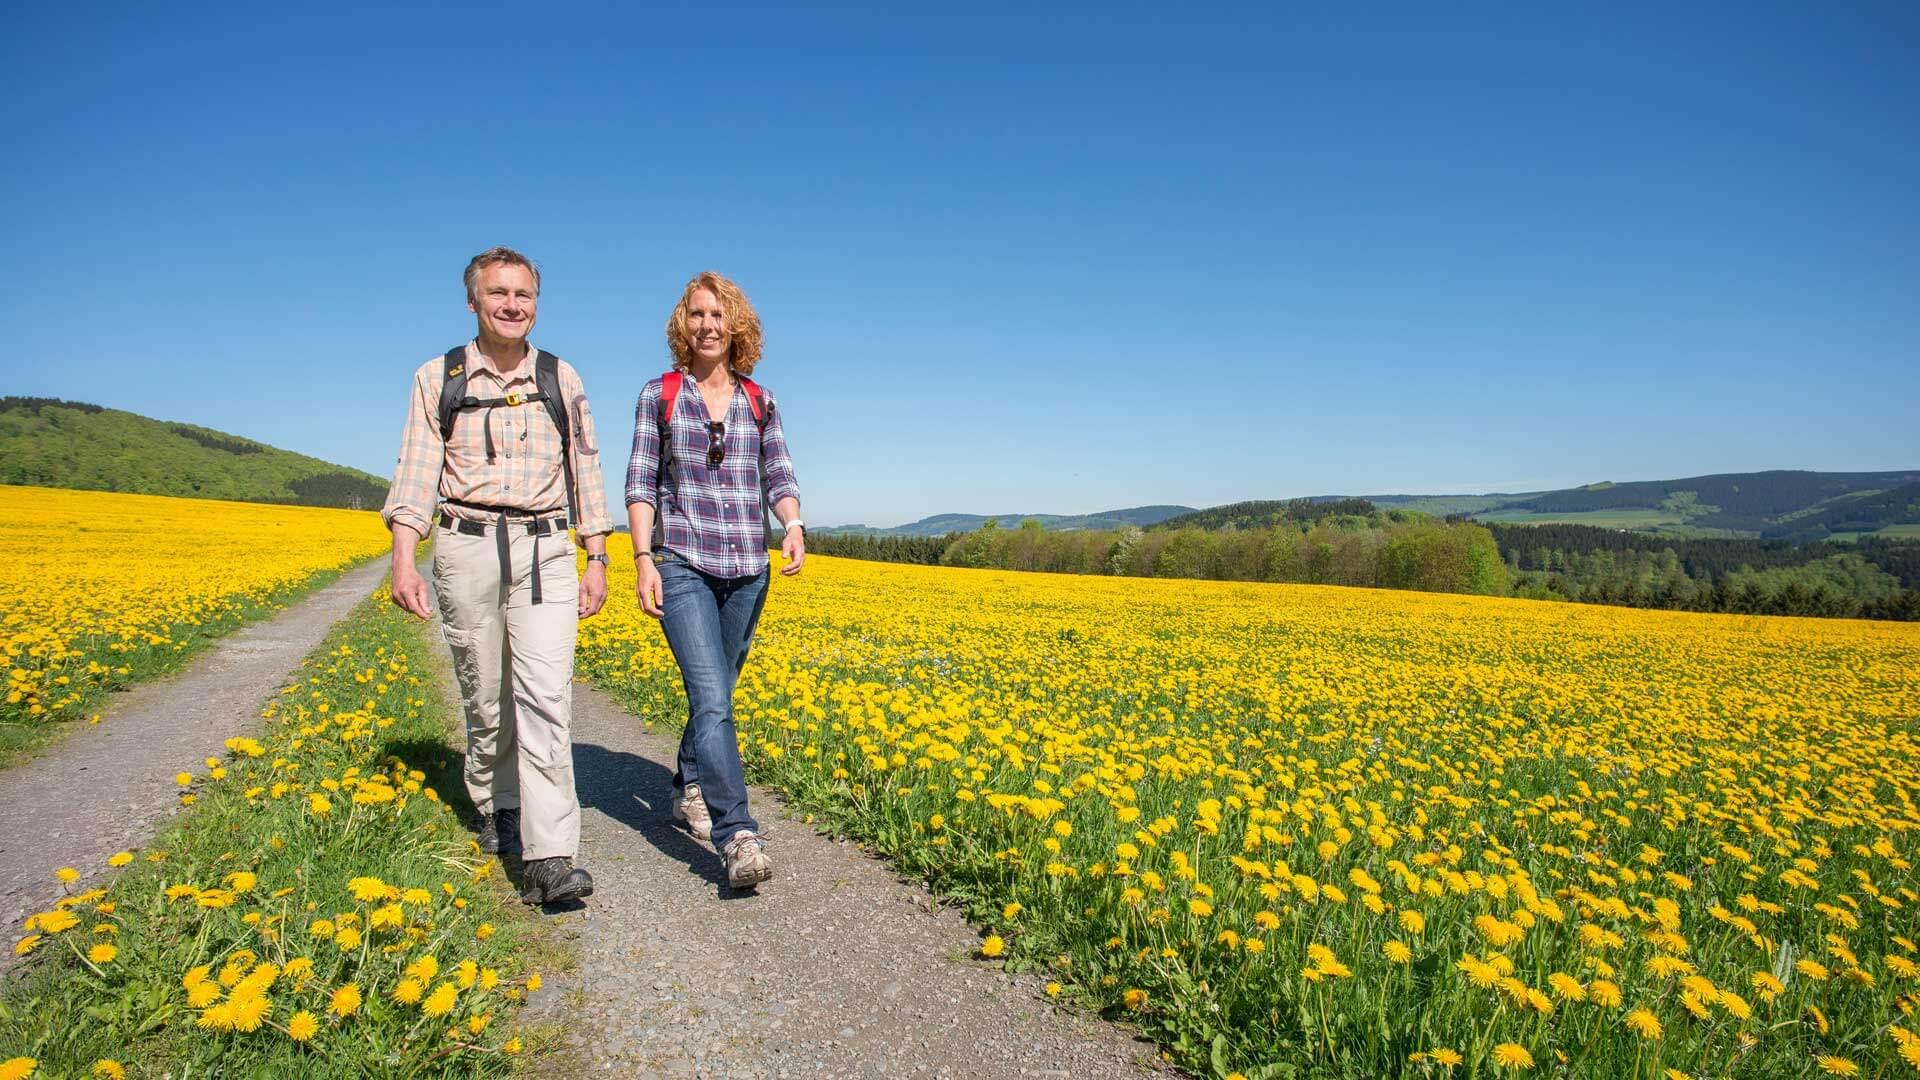 Wandern im Sauerland Paar auf der Frühlingswiese